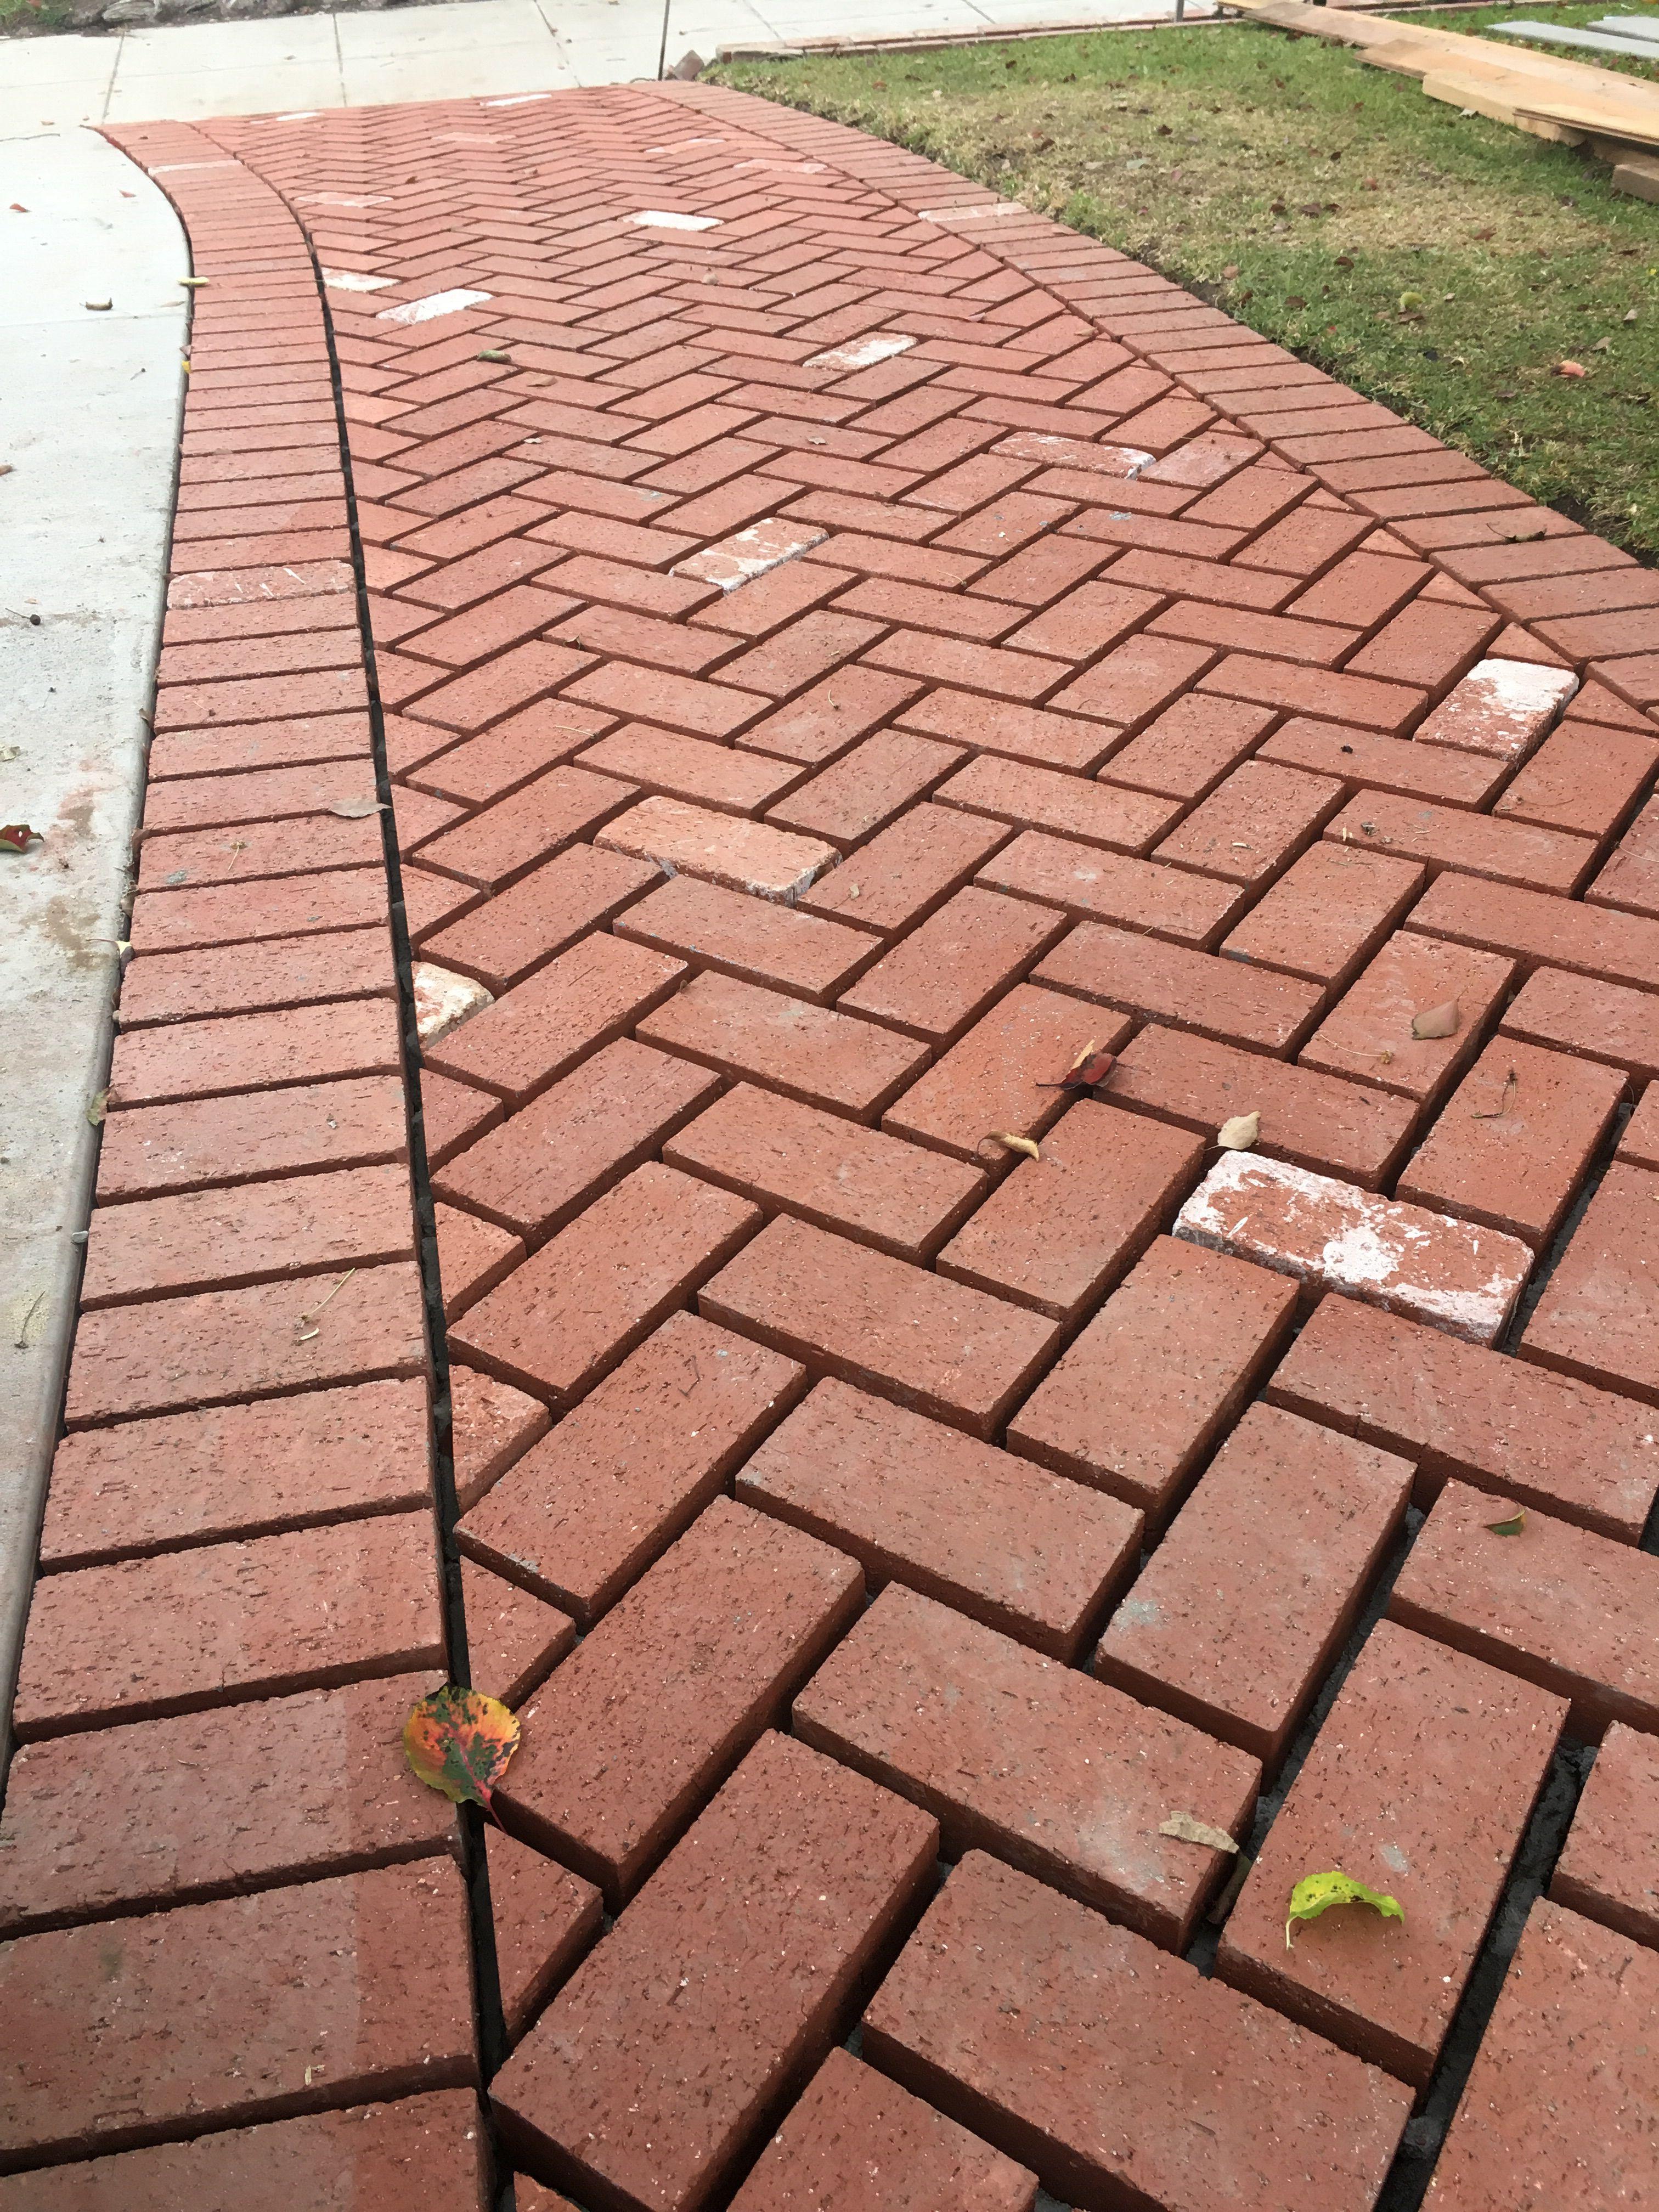 Brick Designs With Images Brick Paver Patio Paver Patio